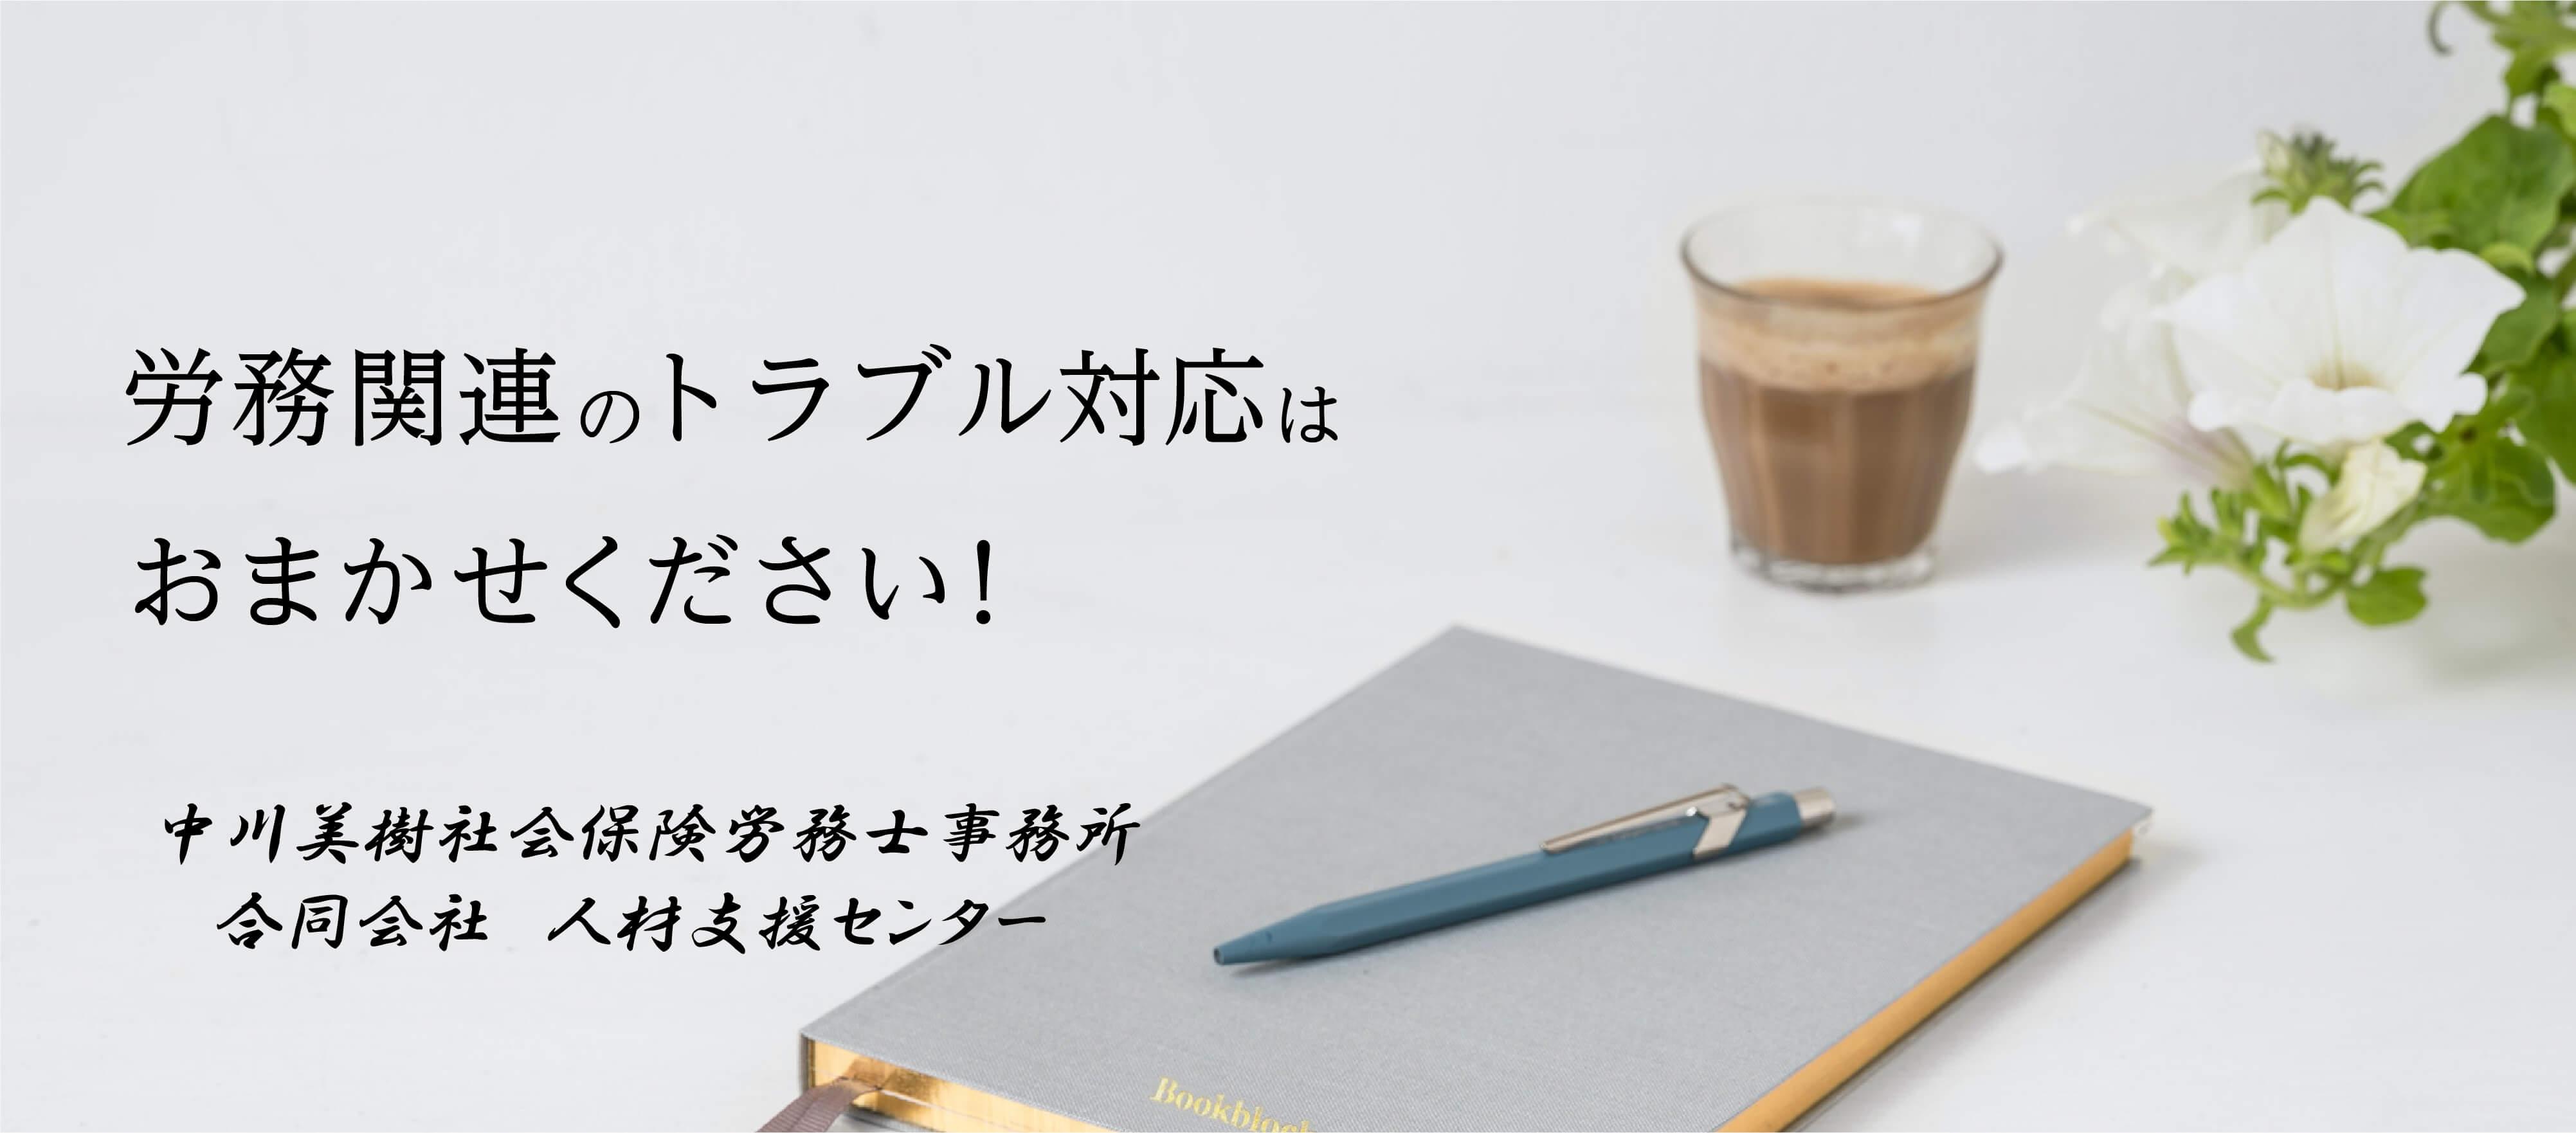 労務関連のトラブル対応はお任せください!/中川美樹社会保険労務士事務所